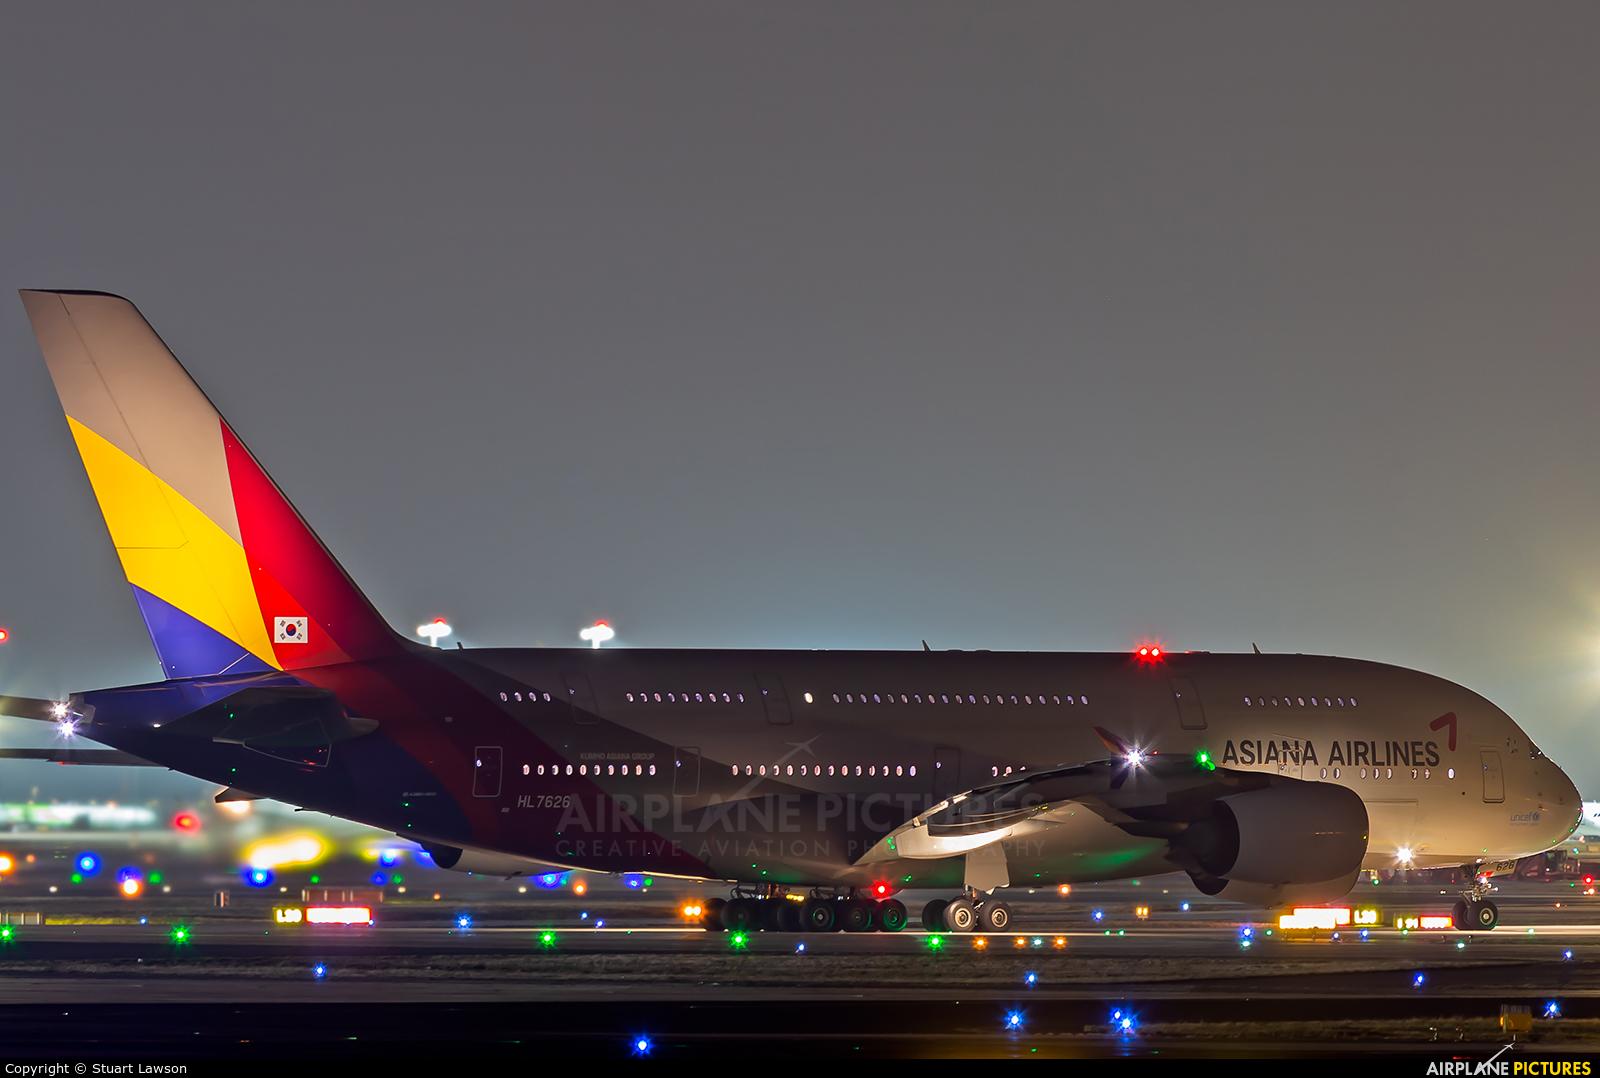 Asiana Airlines HL7626 aircraft at Frankfurt